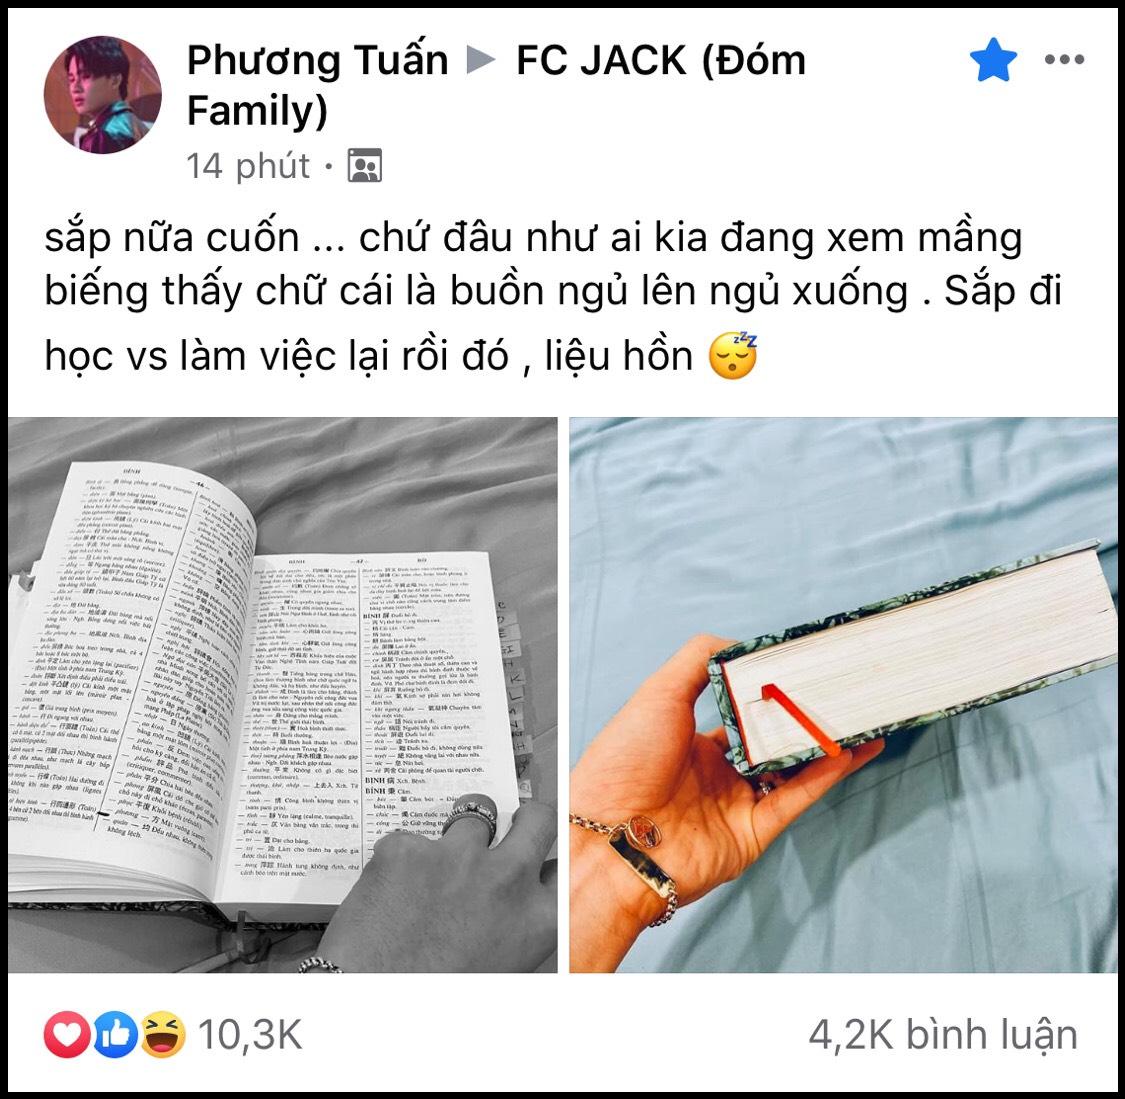 Ở nhà mùa dịch, Jack đọc hết nửa cuốn sách dày nghìn trang kèm lời 'nhắc nhẹ' fan nhỏ tuổi: 'Noi gương anh, lo học đi!'